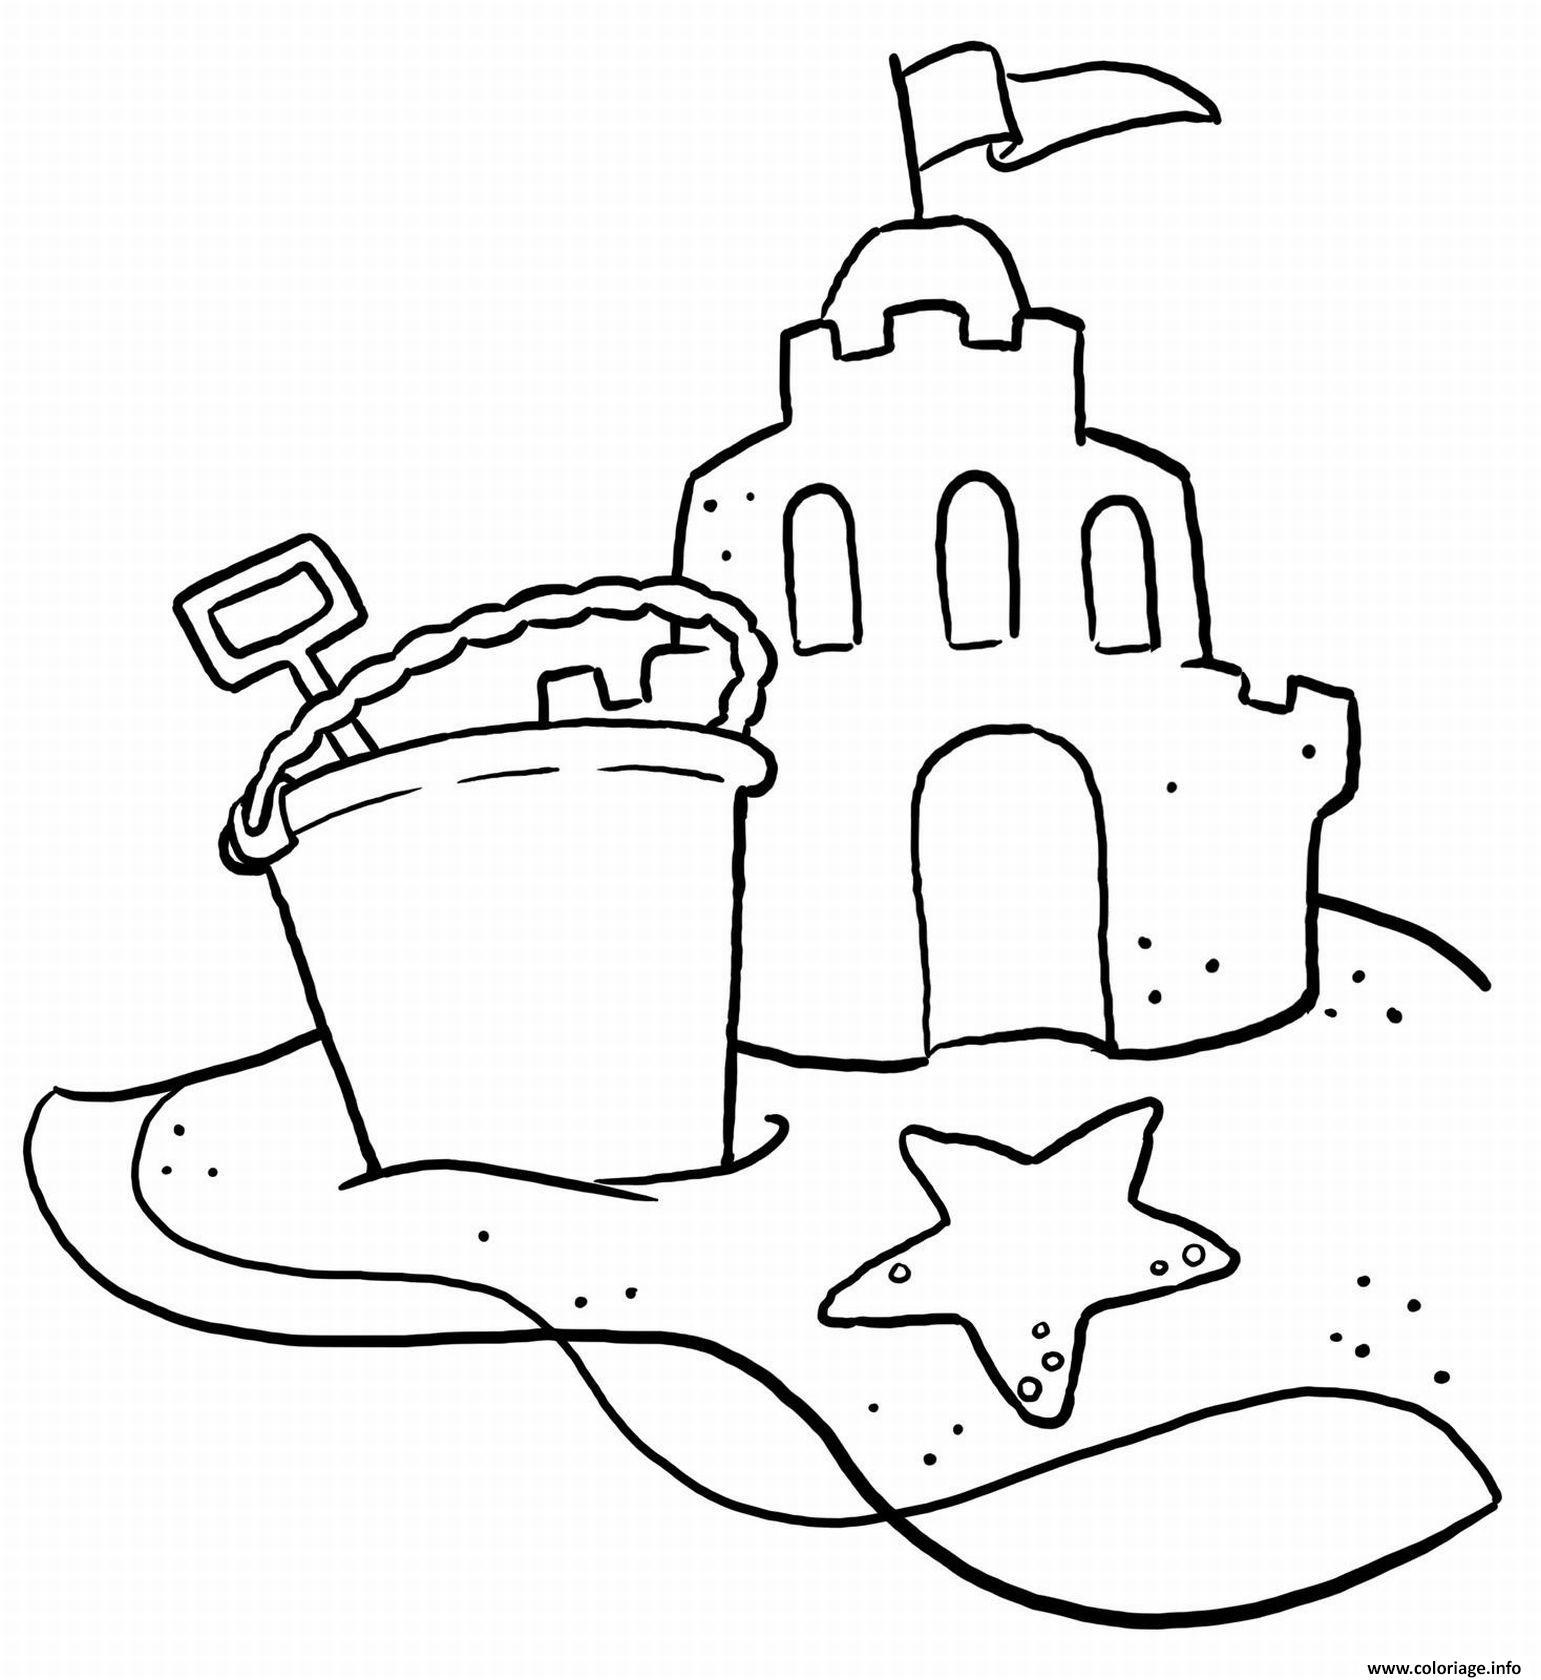 Coloriage chateau de sable vacance dessin - Image de chateau a imprimer ...